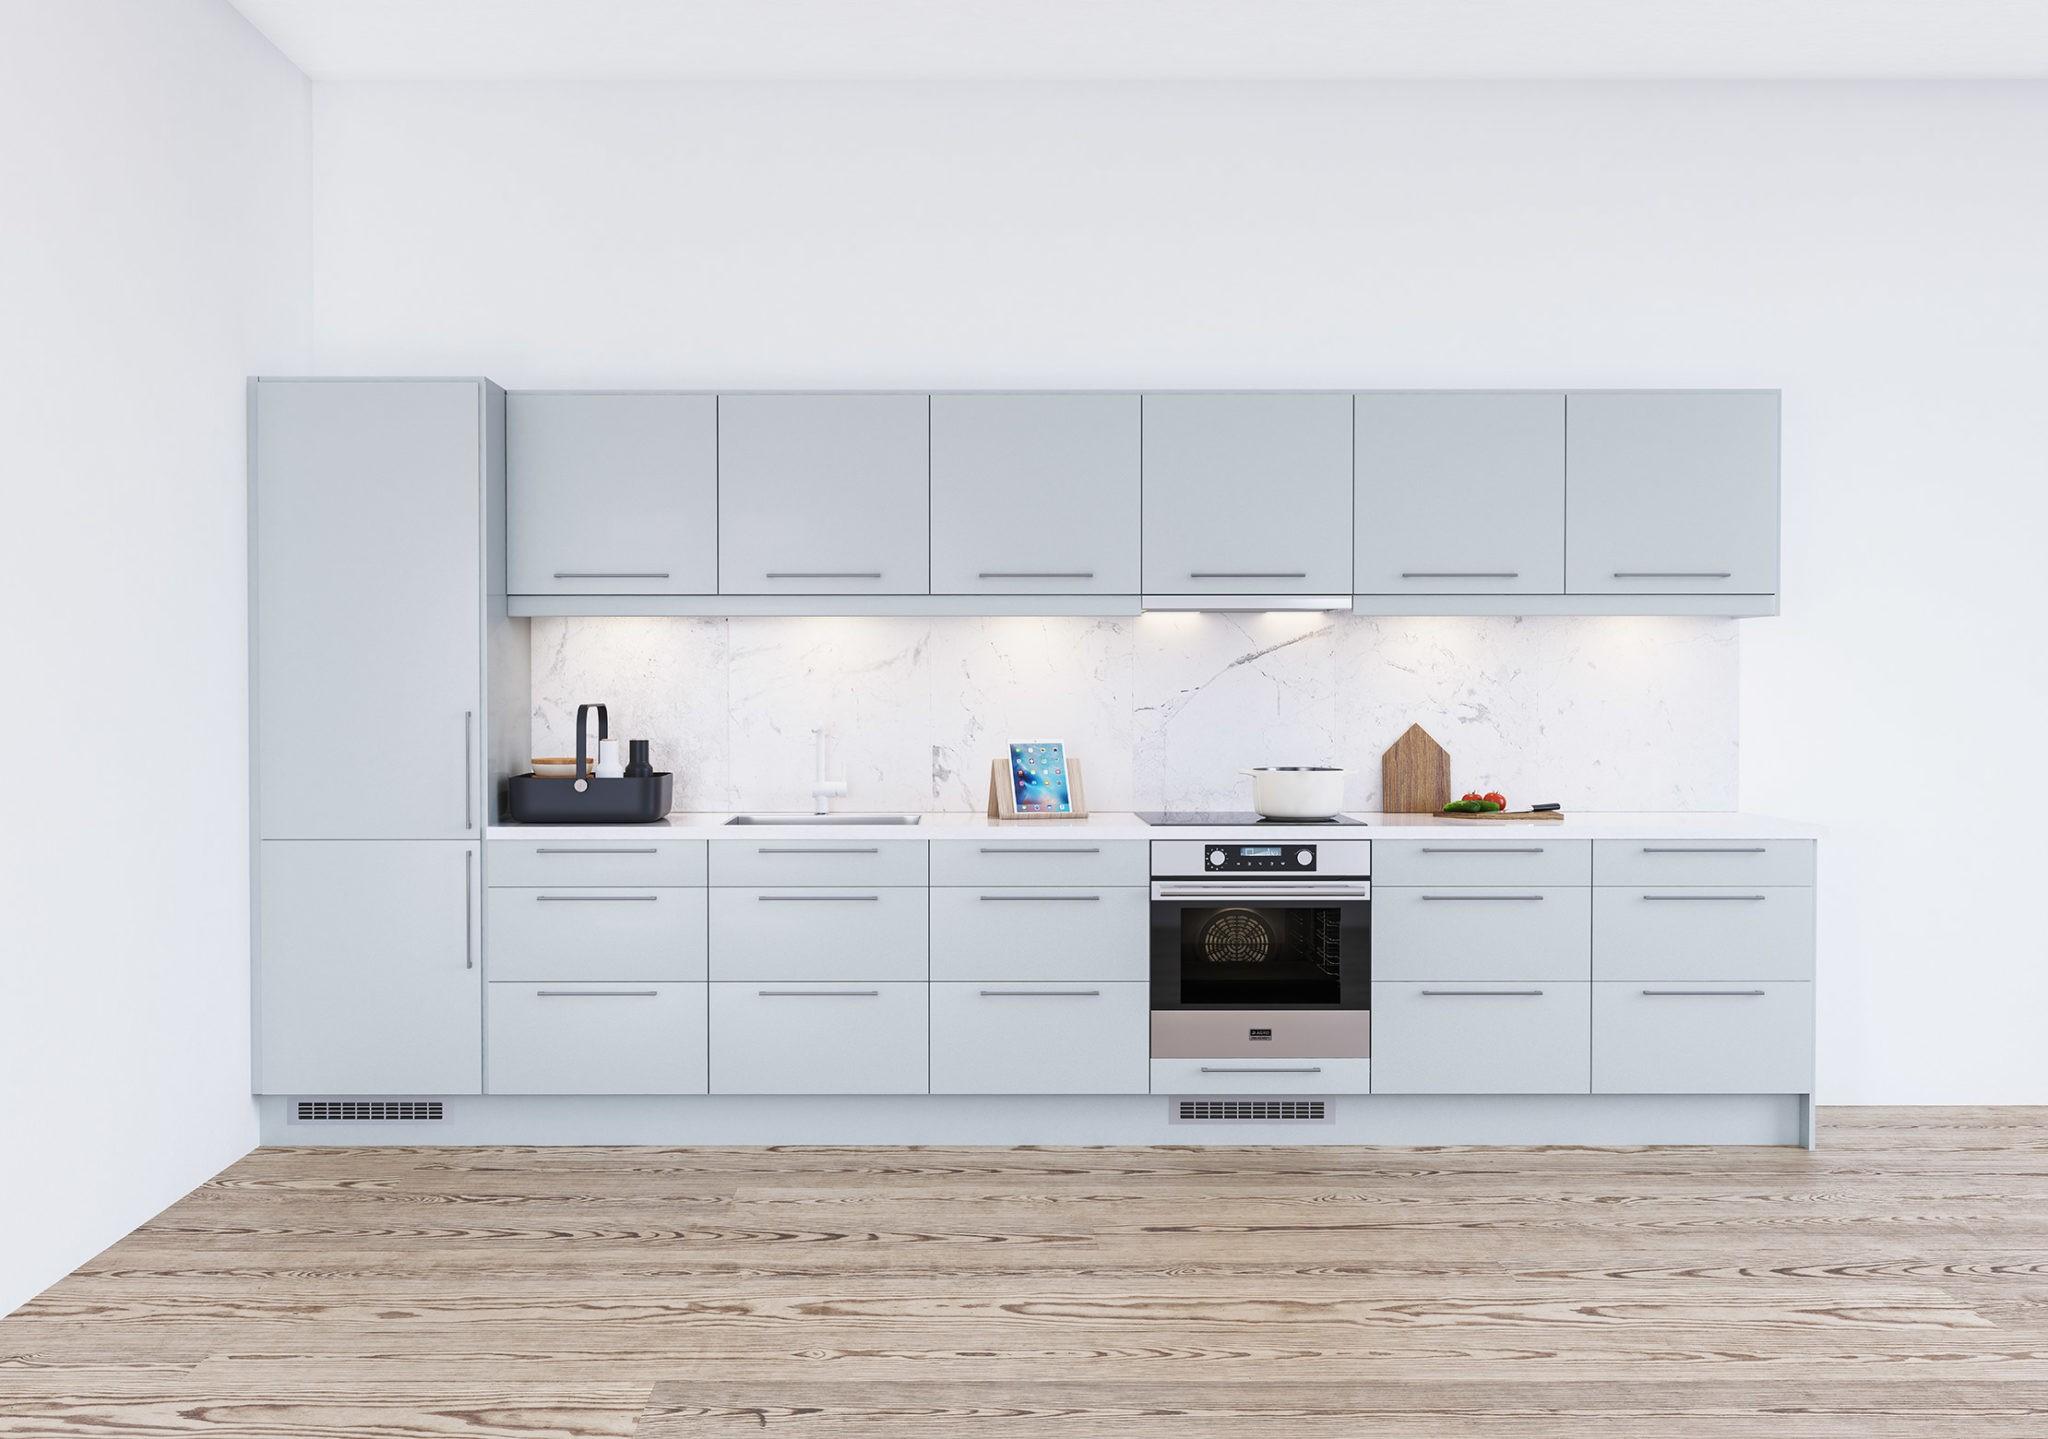 Köksinspiration - Trend - Stilrent kök med slät kökslucka från Epoq hos Elgiganten